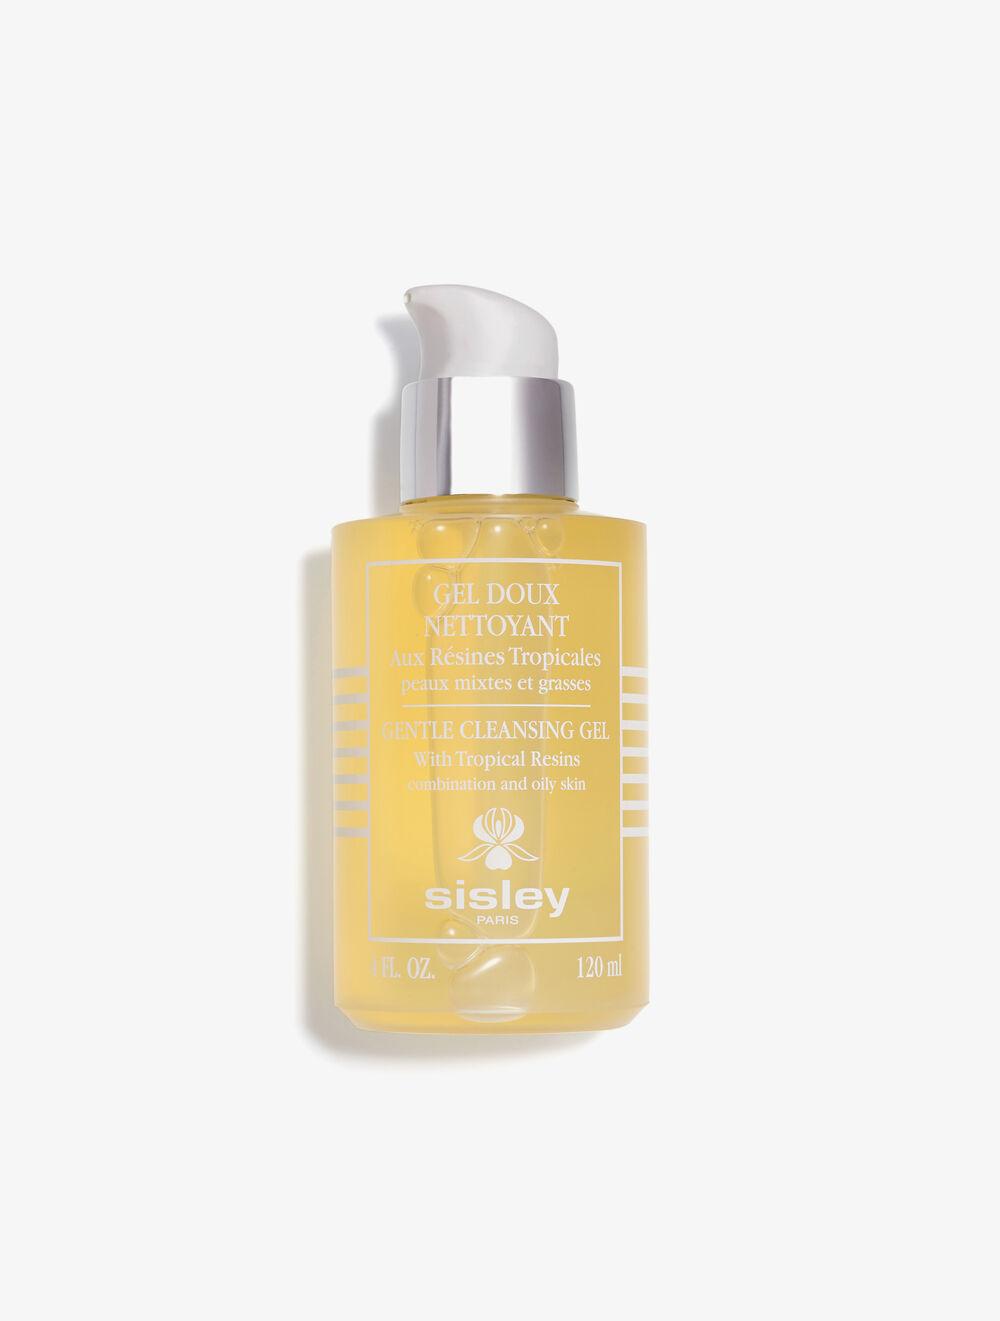 Sisley Paris - Gentle Cleansing Gel with Tropical Resins